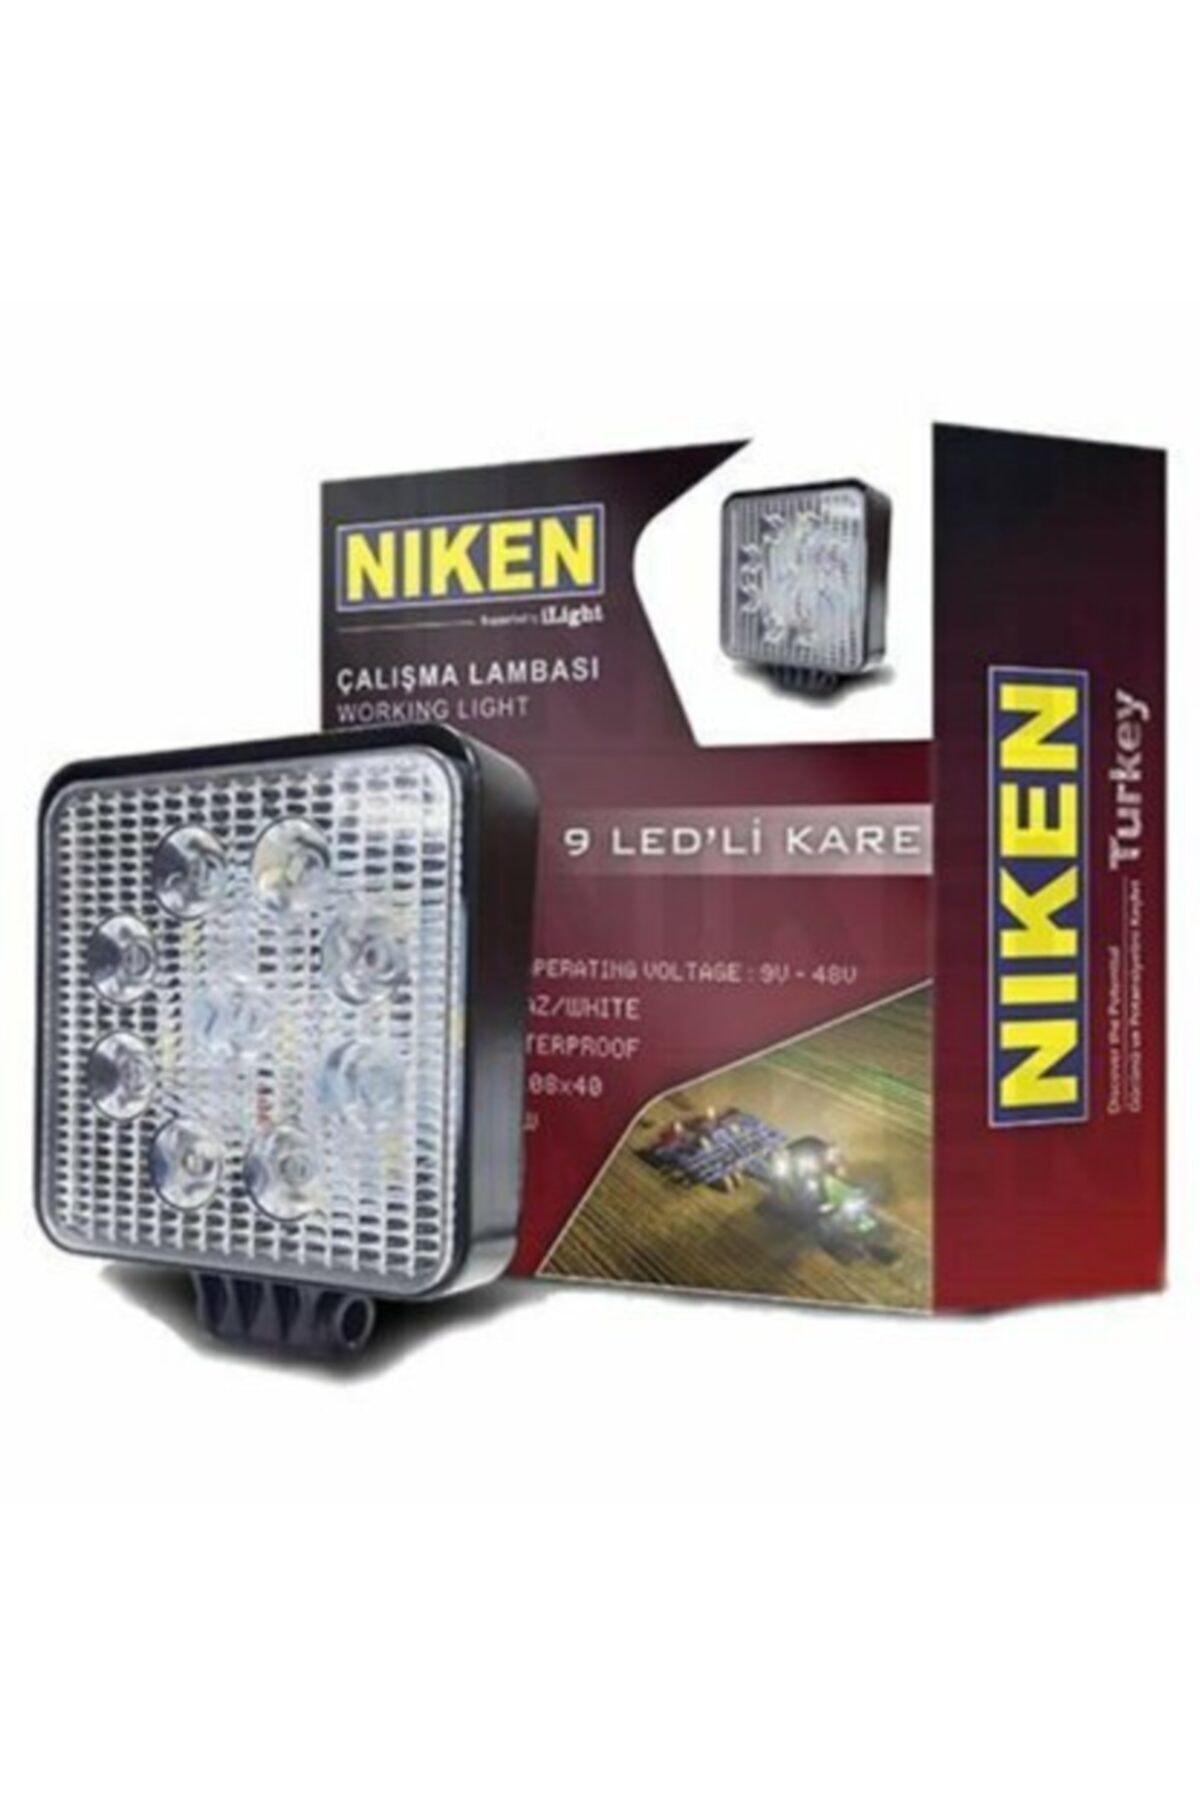 Niken Nıken 9led Çok Amaçlı 9v-48v Off-road Gündüz Lambası,çalışma Lambası,geri Vites Lambası 1